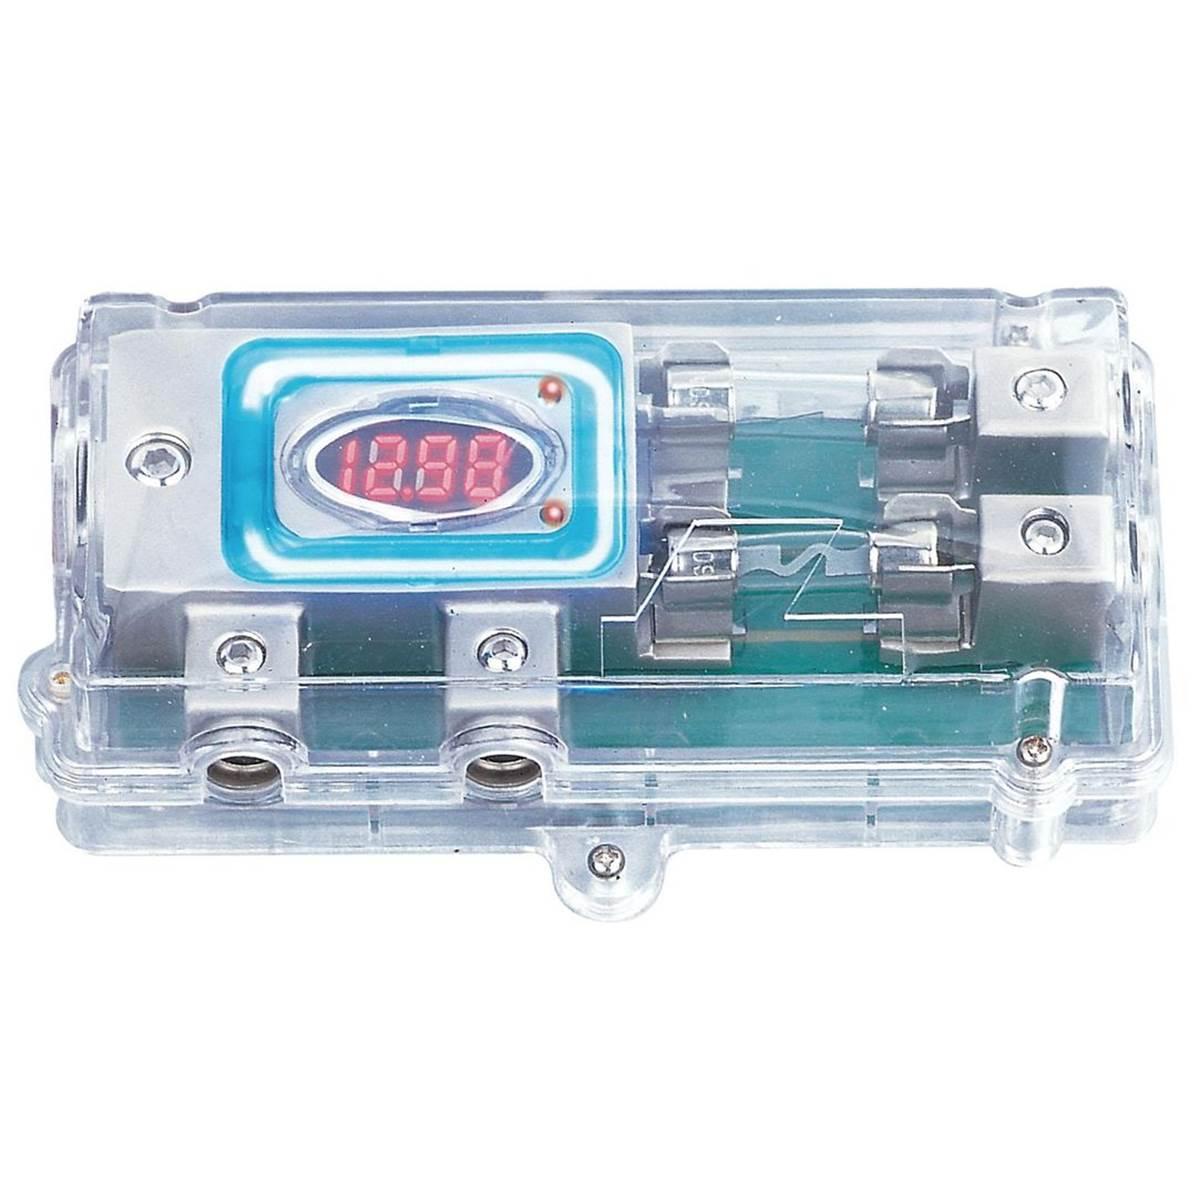 Porte-fusible digital en verre